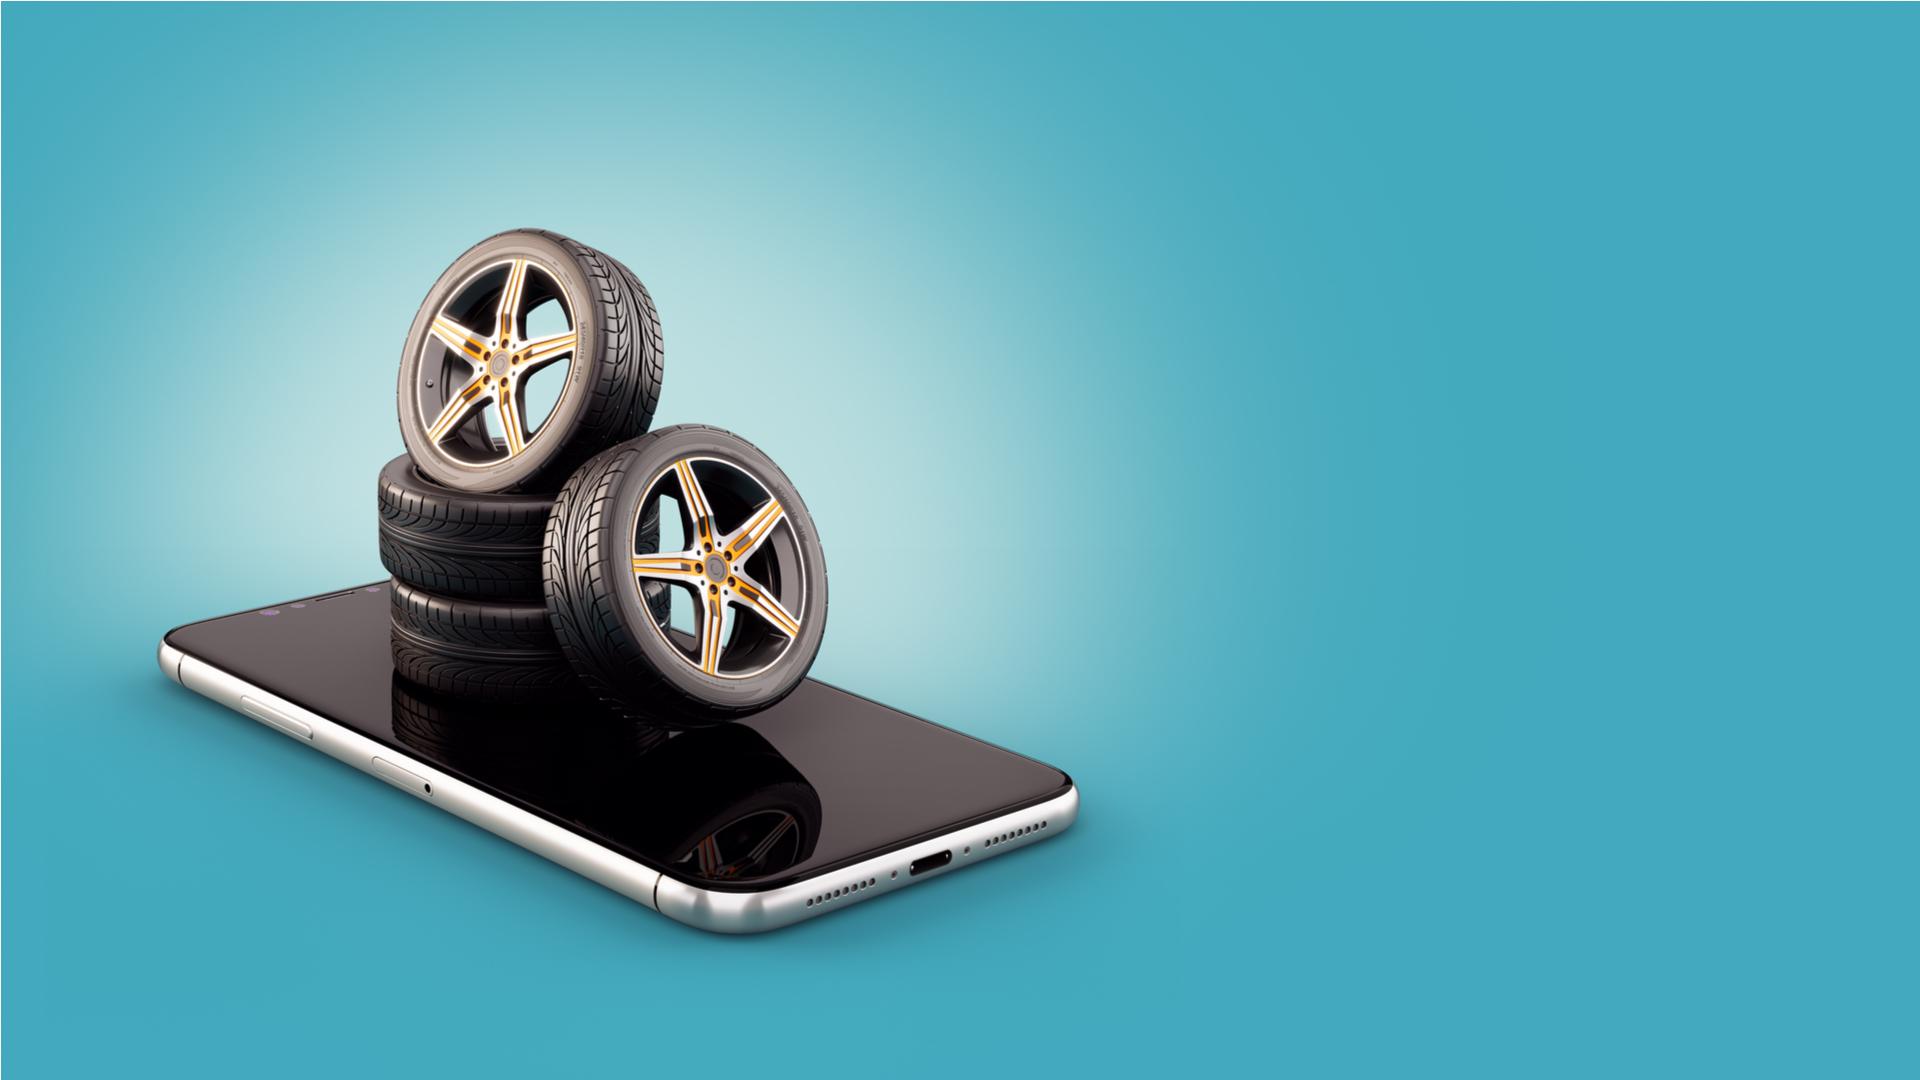 comprar pneus internet online celular shutterstock 1341325862